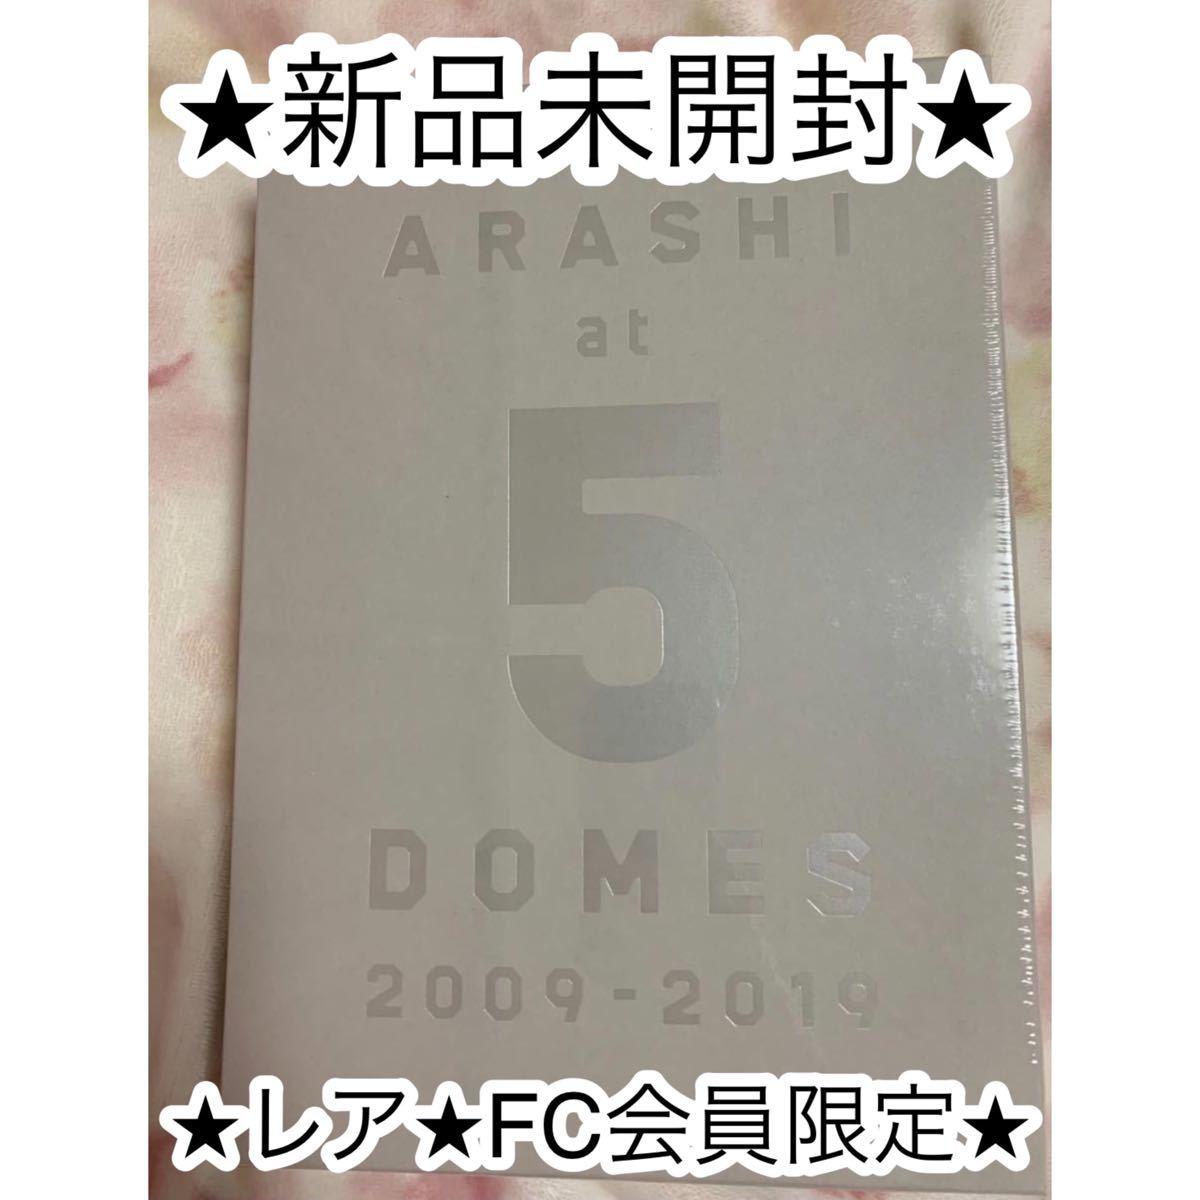 ☆新品未開封☆嵐 写真集 5大ドーム ファンクラブ限定